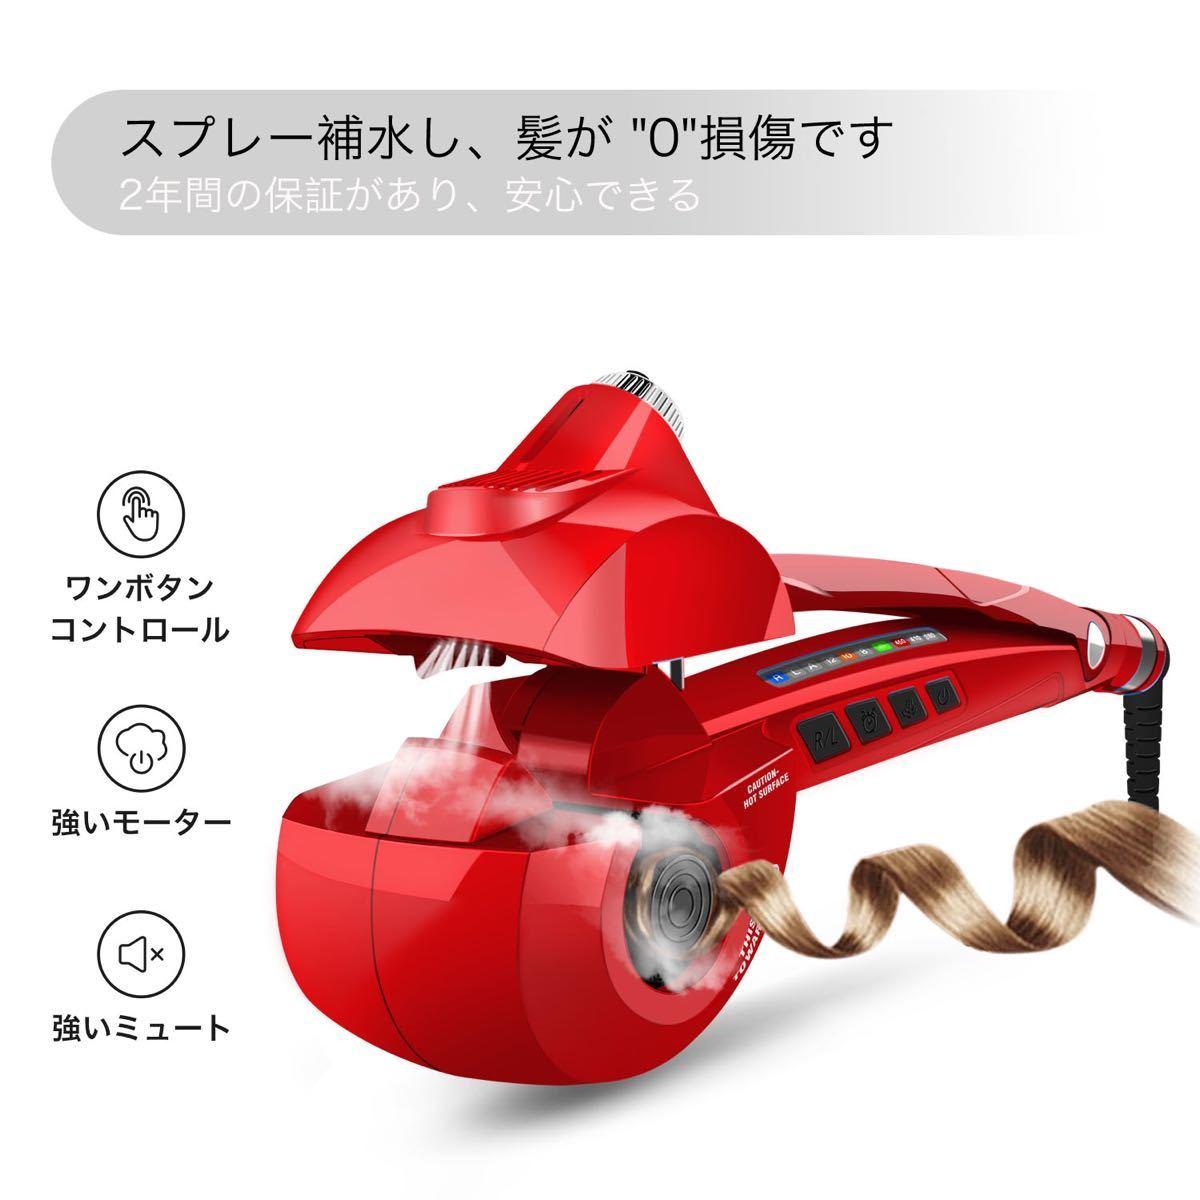 アイロン RED 自動カールアイロン オートカール